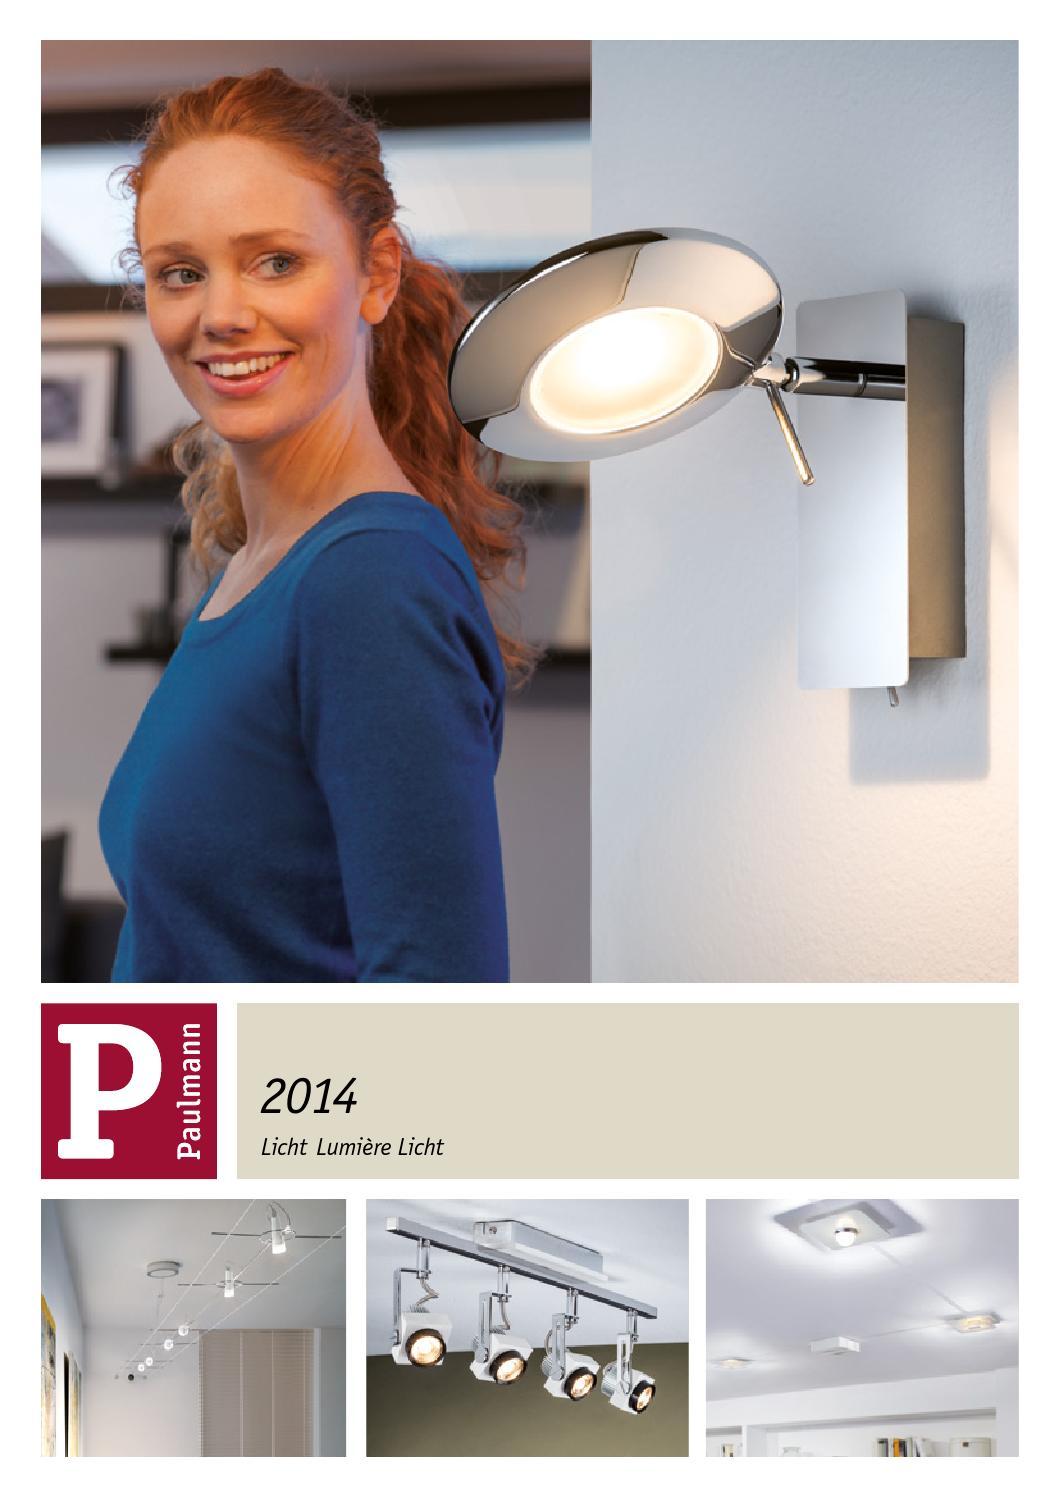 10 x Paulmann halogènes réflecteur 20 W gu4 SOFTOPAL blanc chaud variateur maxiflood 100 °